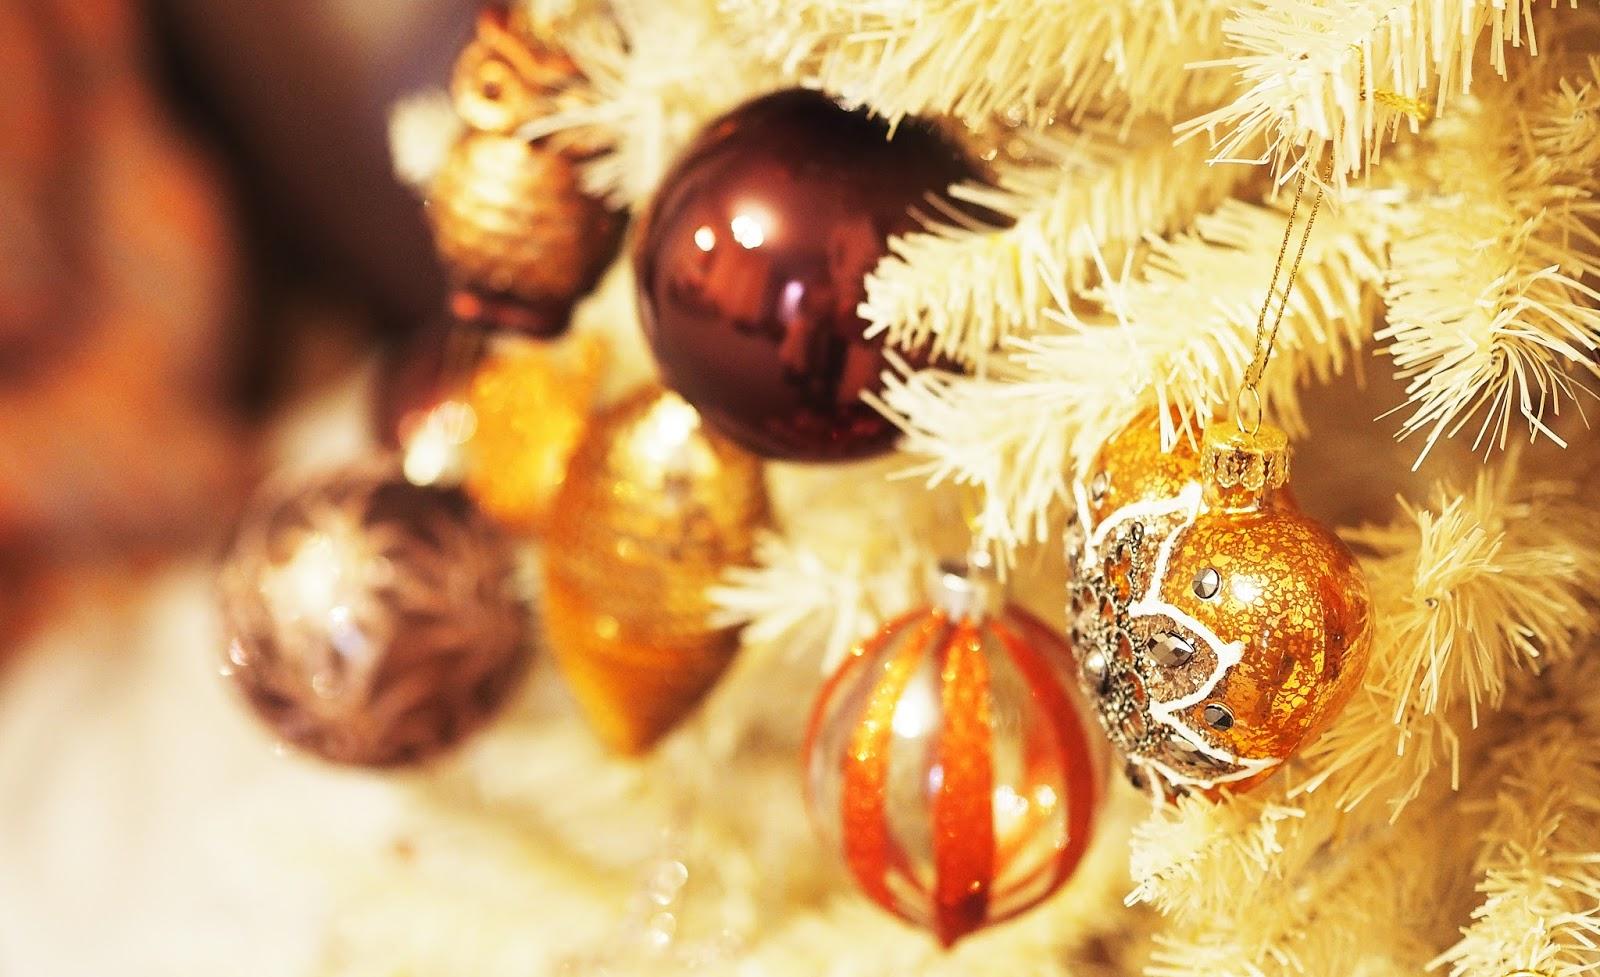 Obsessive Christmas Disorder